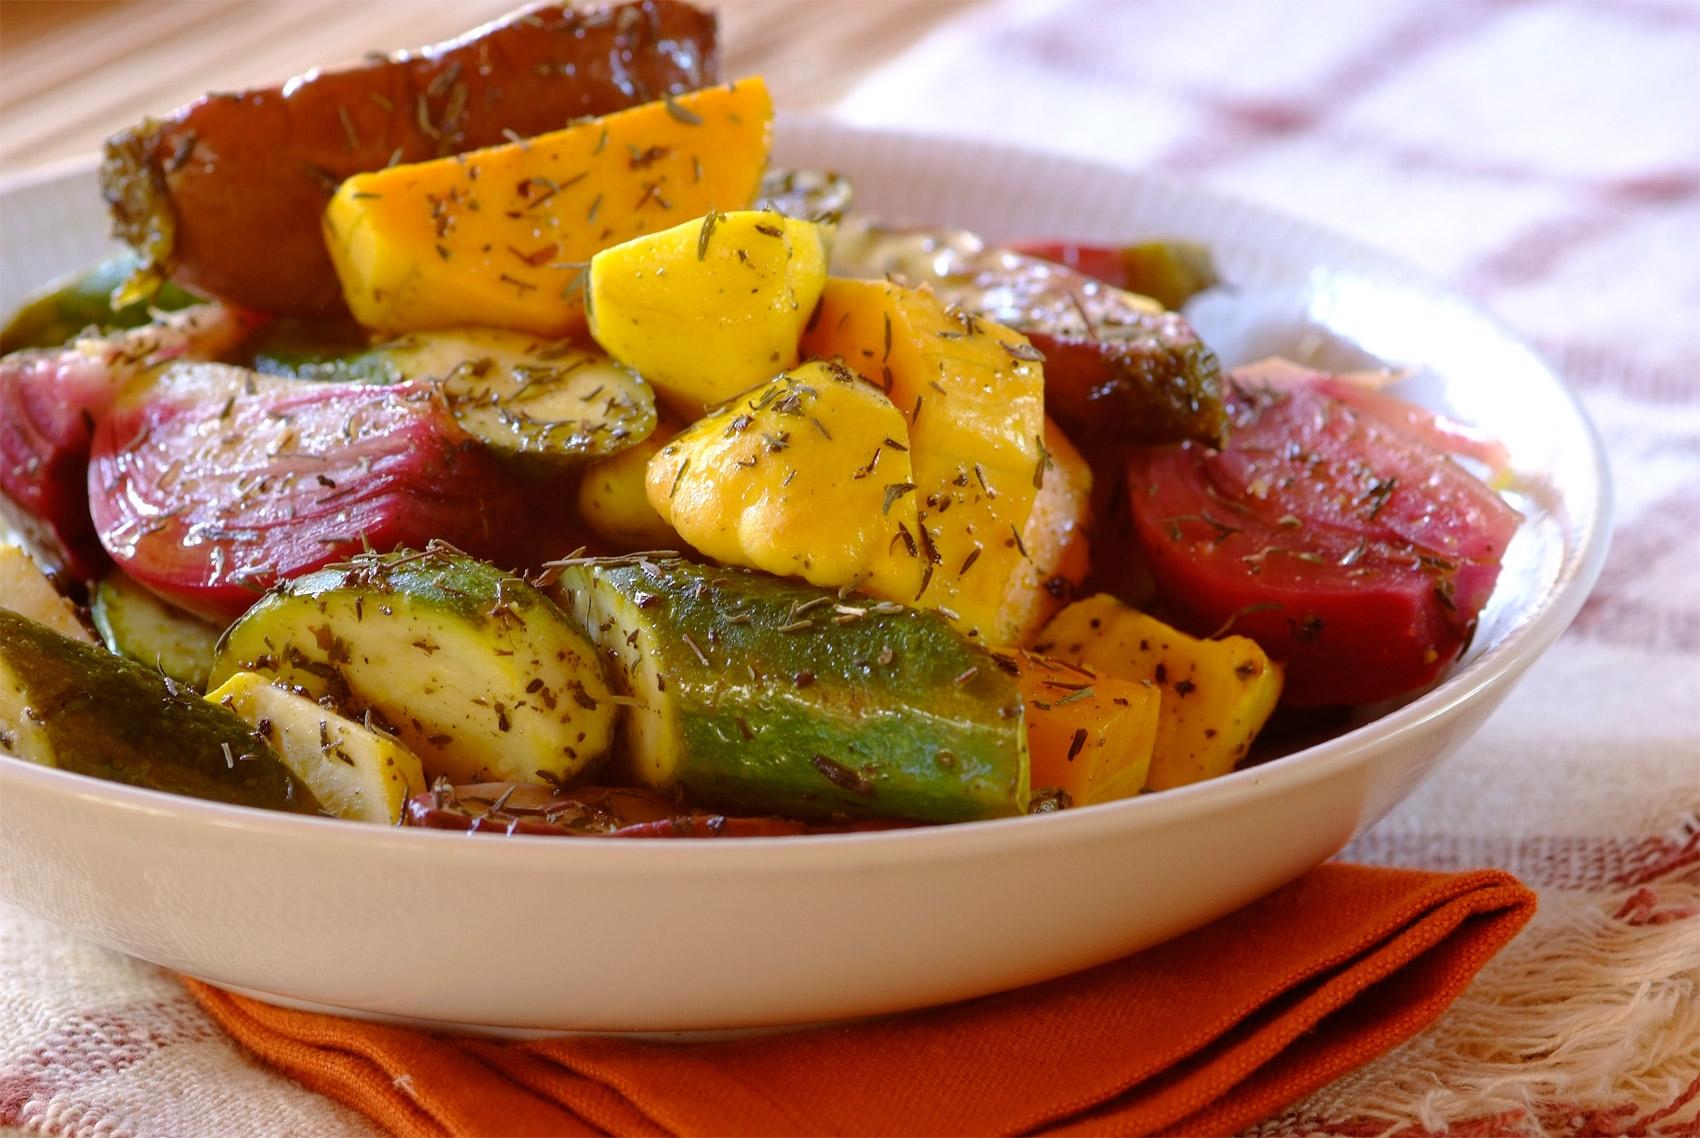 roasted vegetables_C.F.-05.30.13.jpg